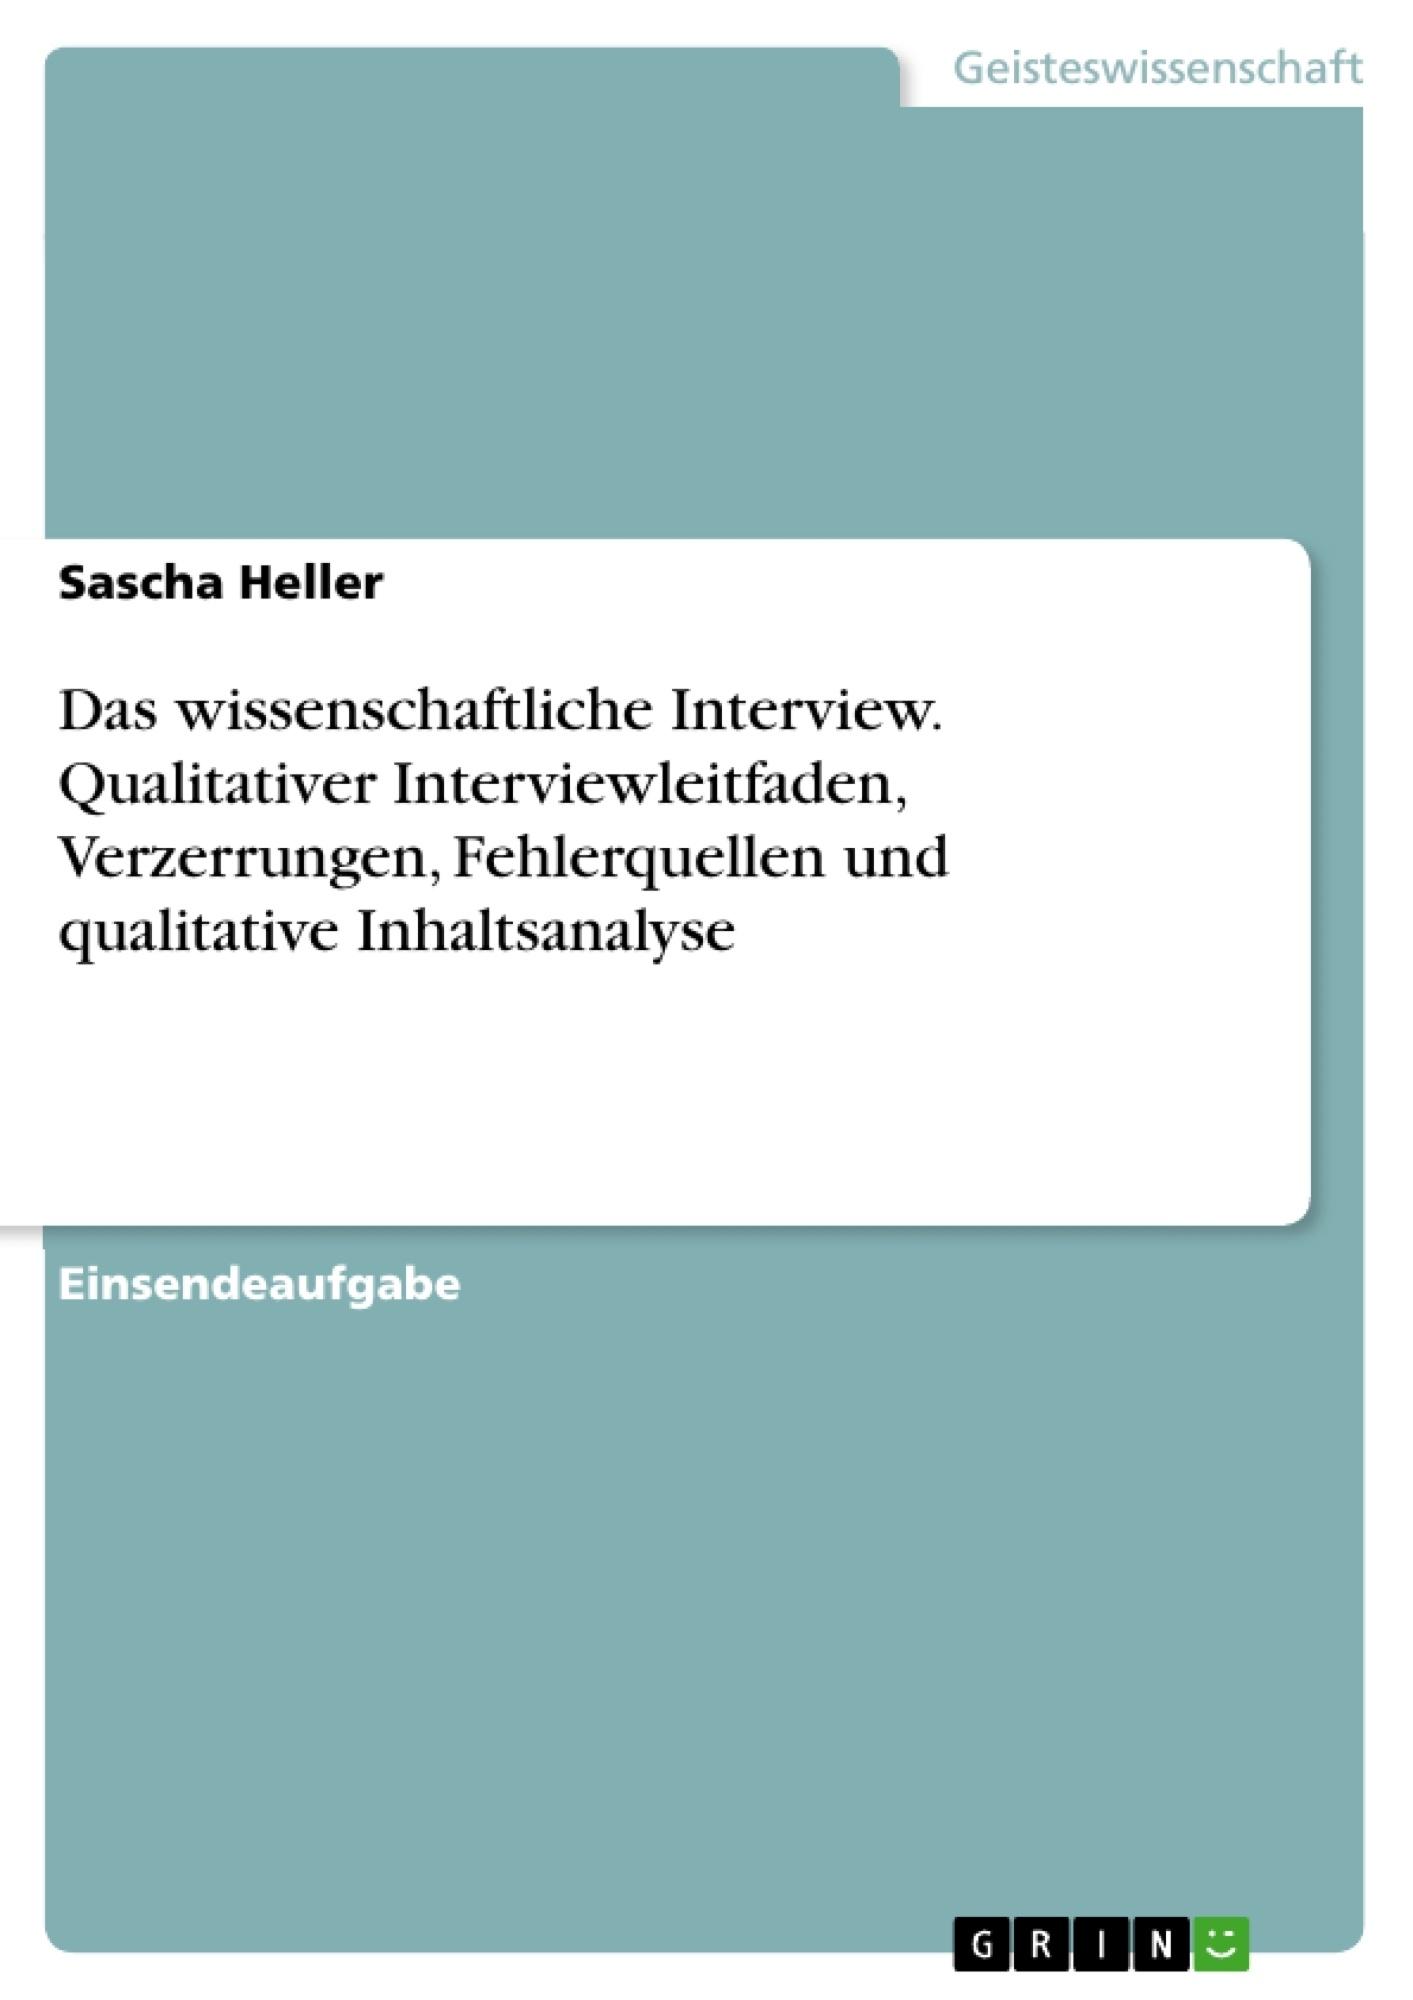 Titel: Das wissenschaftliche Interview. Qualitativer Interviewleitfaden, Verzerrungen, Fehlerquellen und qualitative Inhaltsanalyse